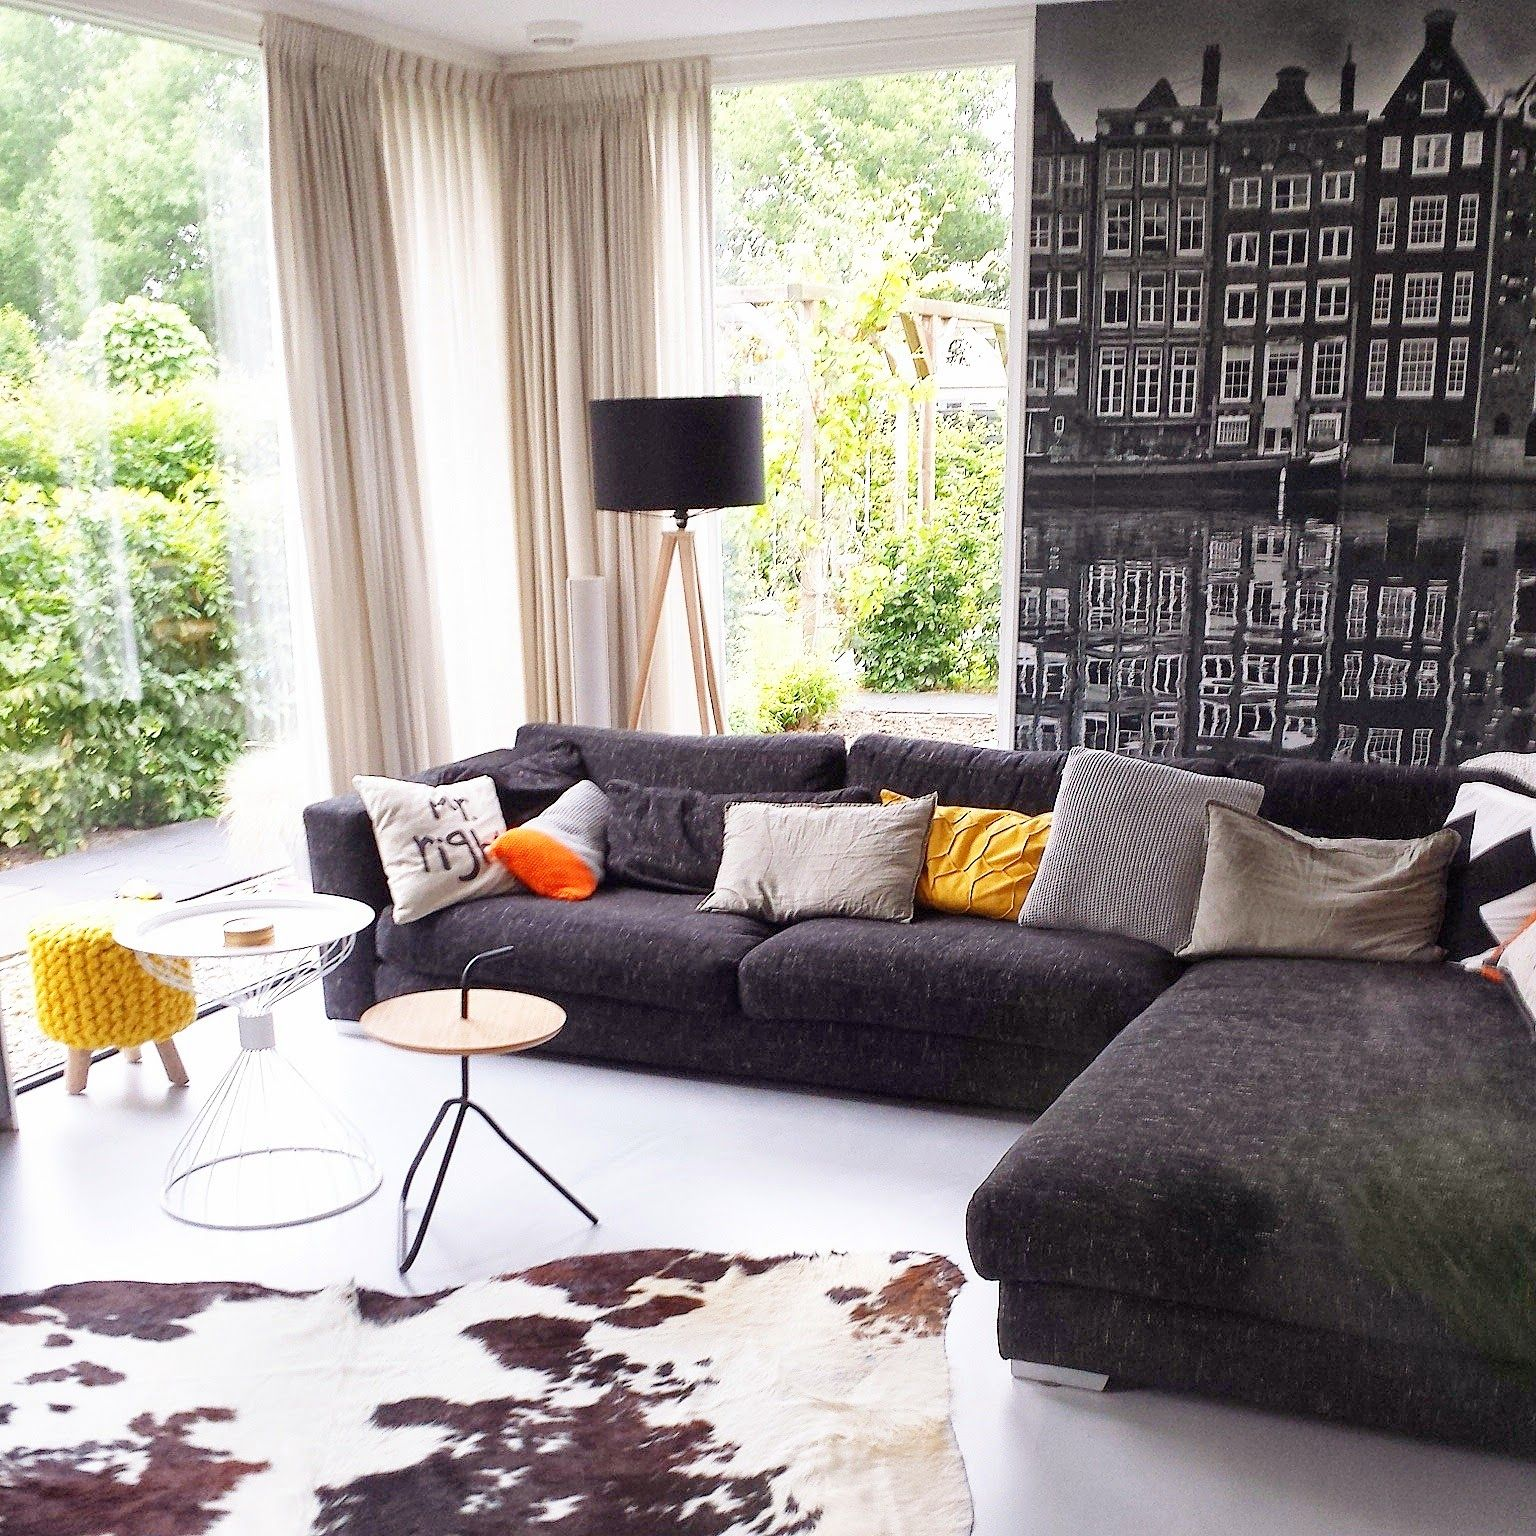 Personaliseer je interieur met fotobehang - woonkamer ideeën ...